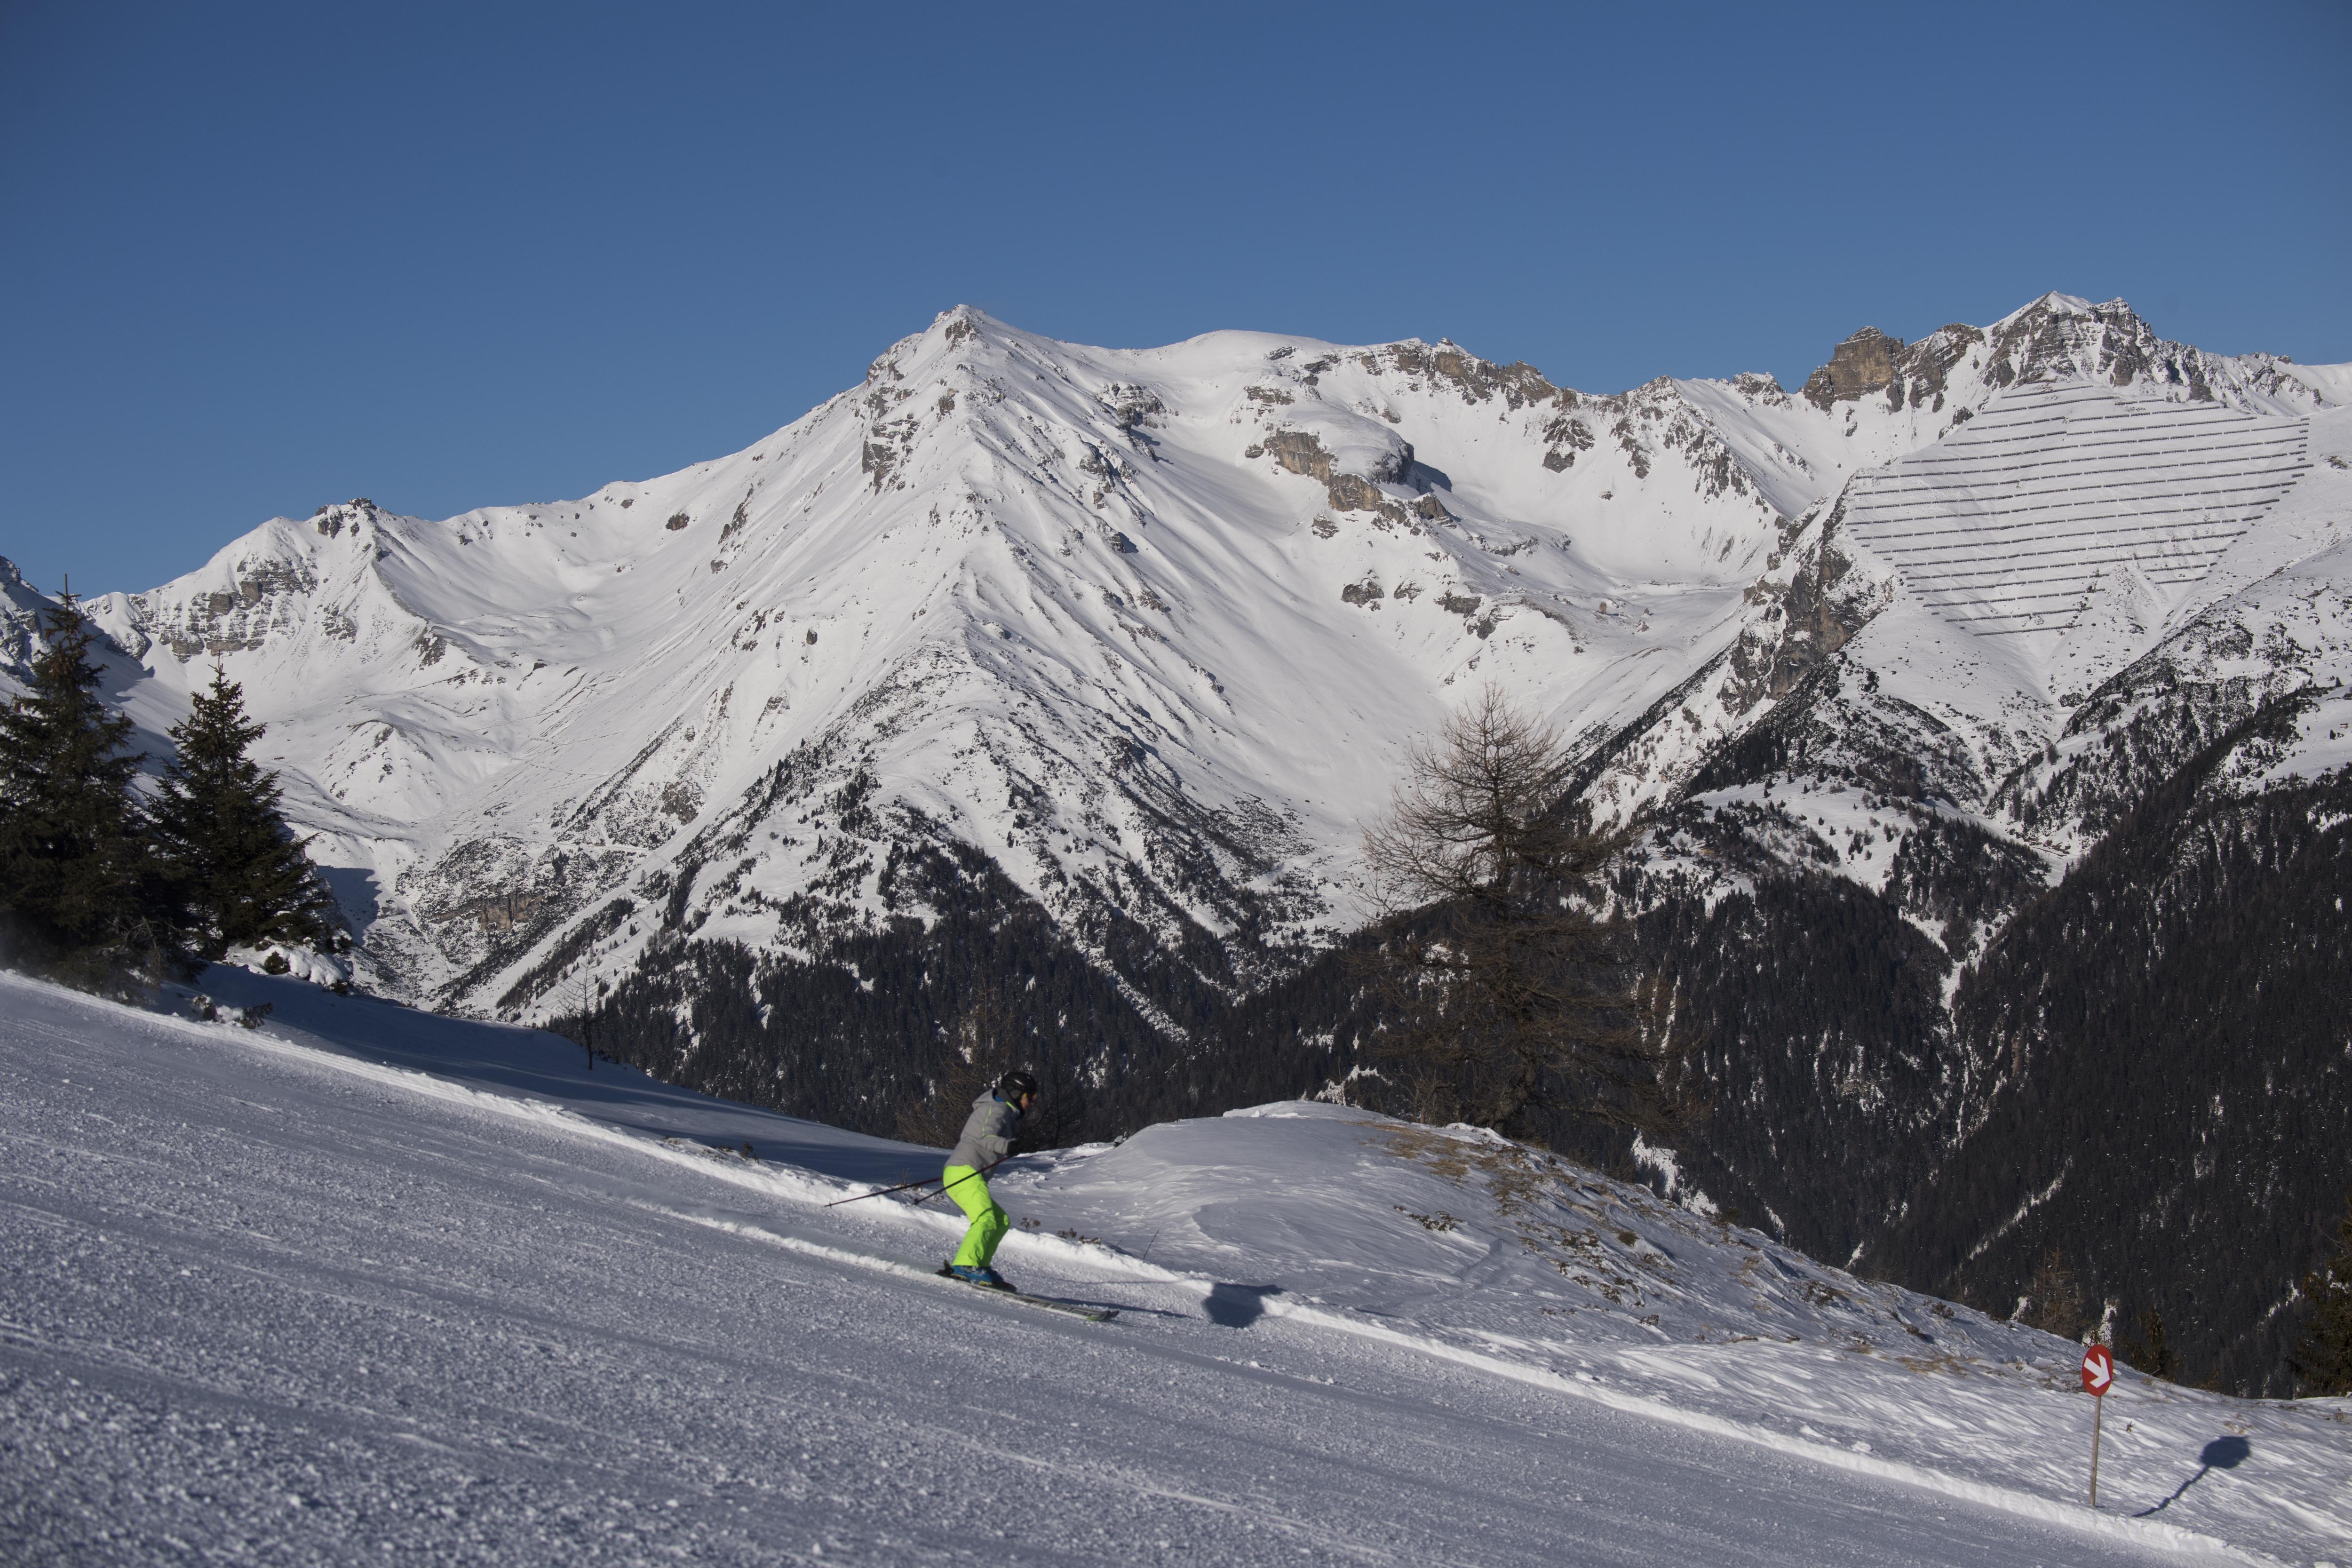 Sie sehen einen Skifahrer auf einer Piste in den Bergen im Wipptal im Winter. JUFA Hotels bietet erholsamen Familienurlaub und einen unvergesslichen Winterurlaub.